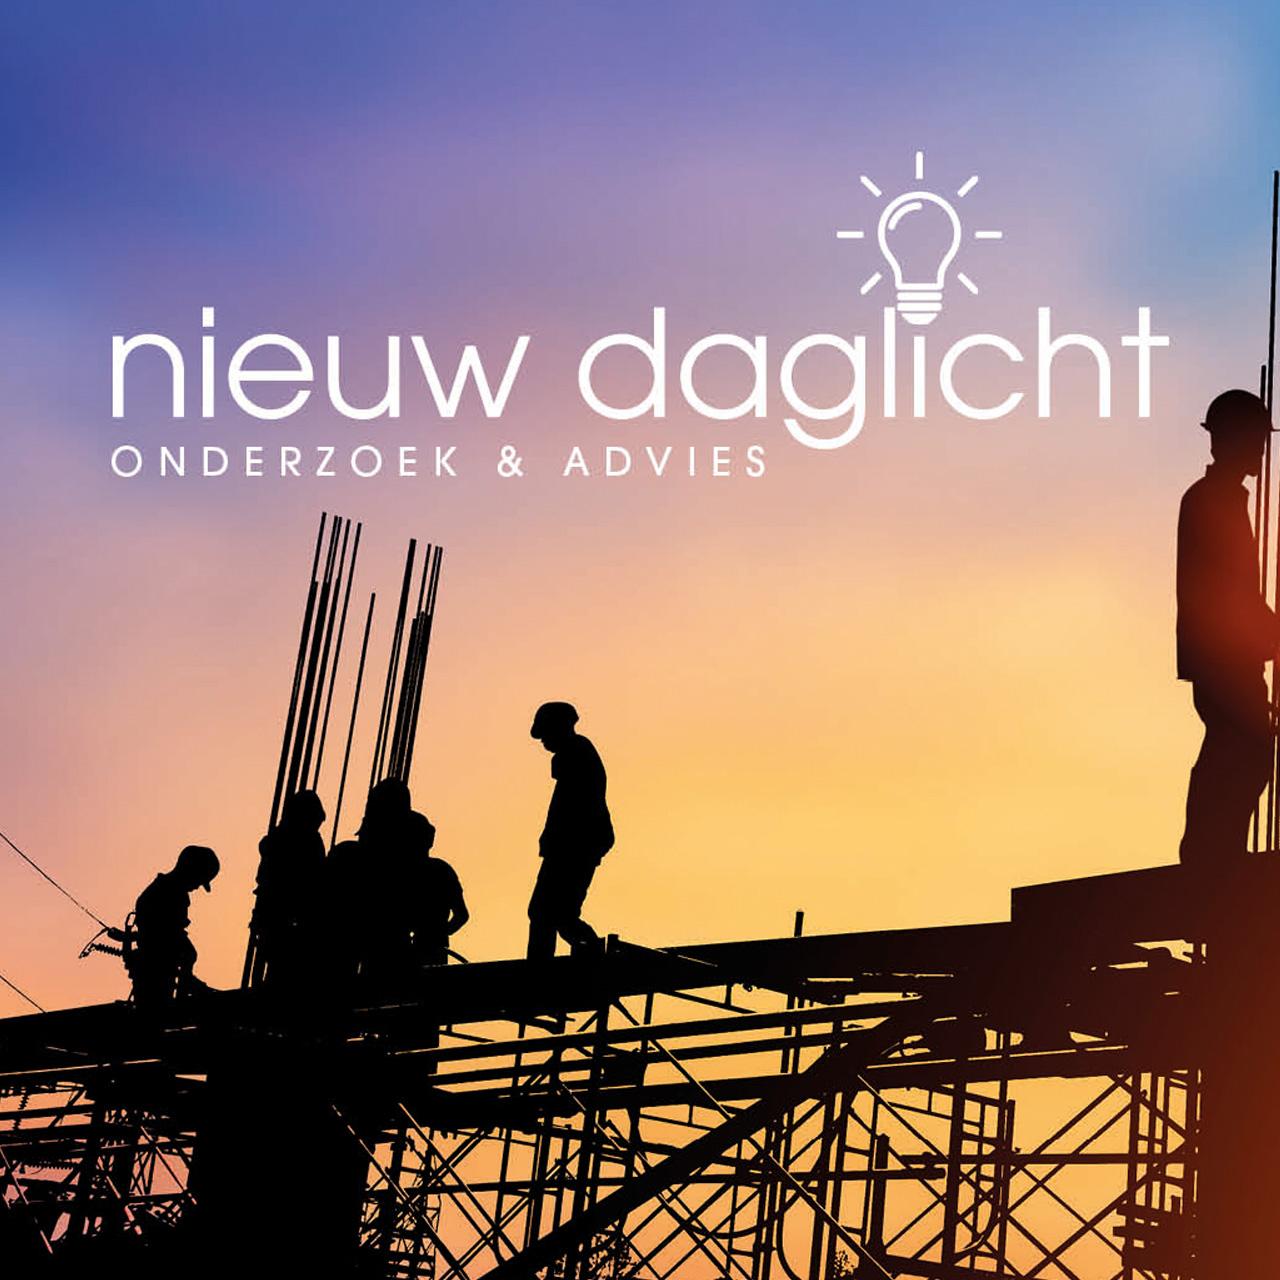 Nieuw Daglicht